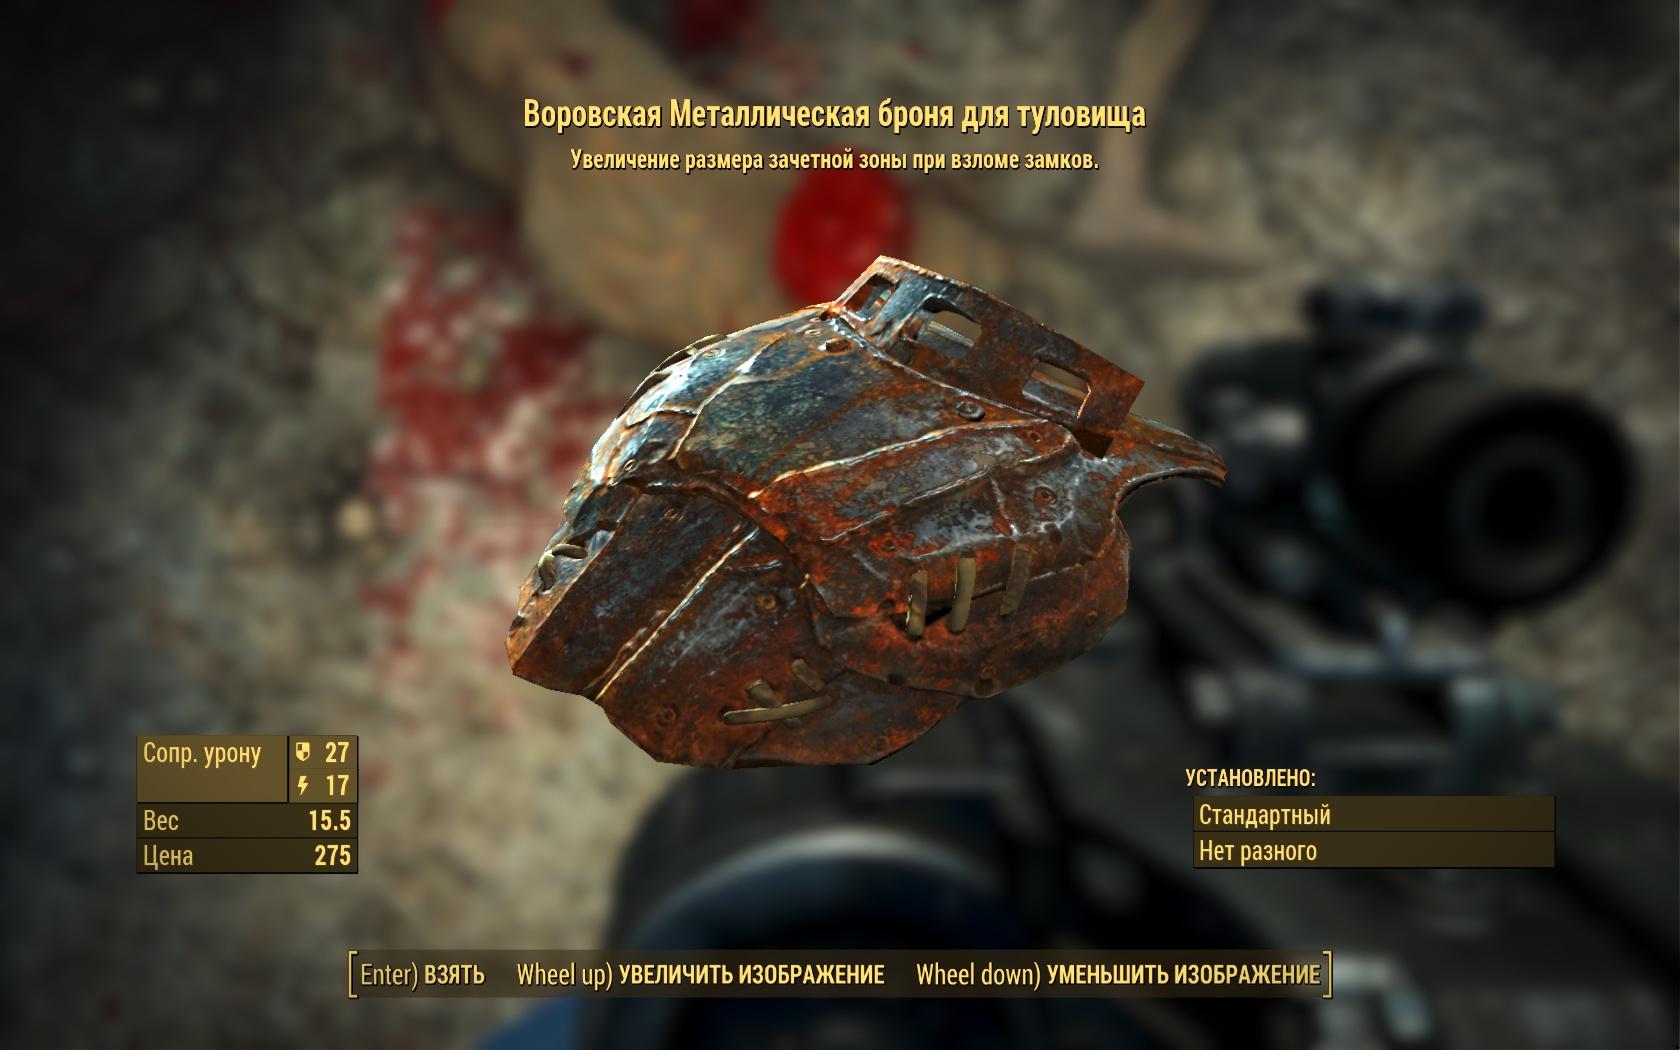 Воровская металлическая броня для туловища - Fallout 4 броня, Воровская, металлическая, Одежда